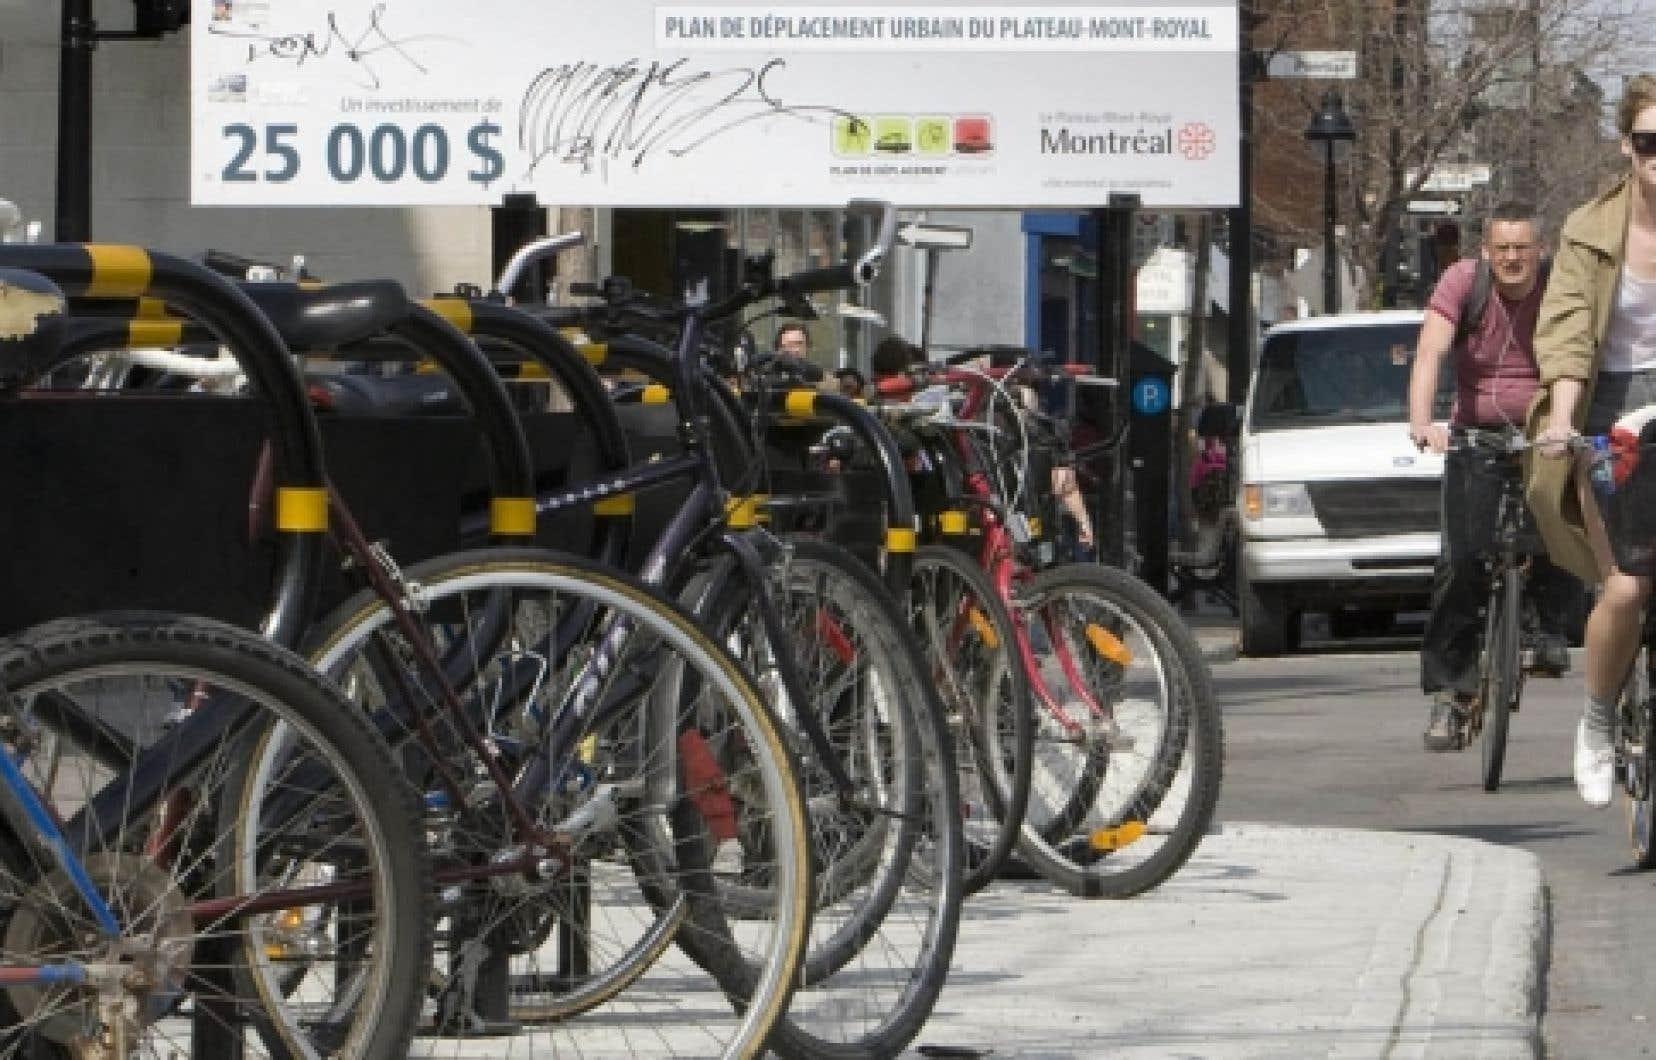 Le nombre de pistes cyclables a augmenté au cours des dernières années, mais les progrès sont trop lents au goût du CEUM. <br />